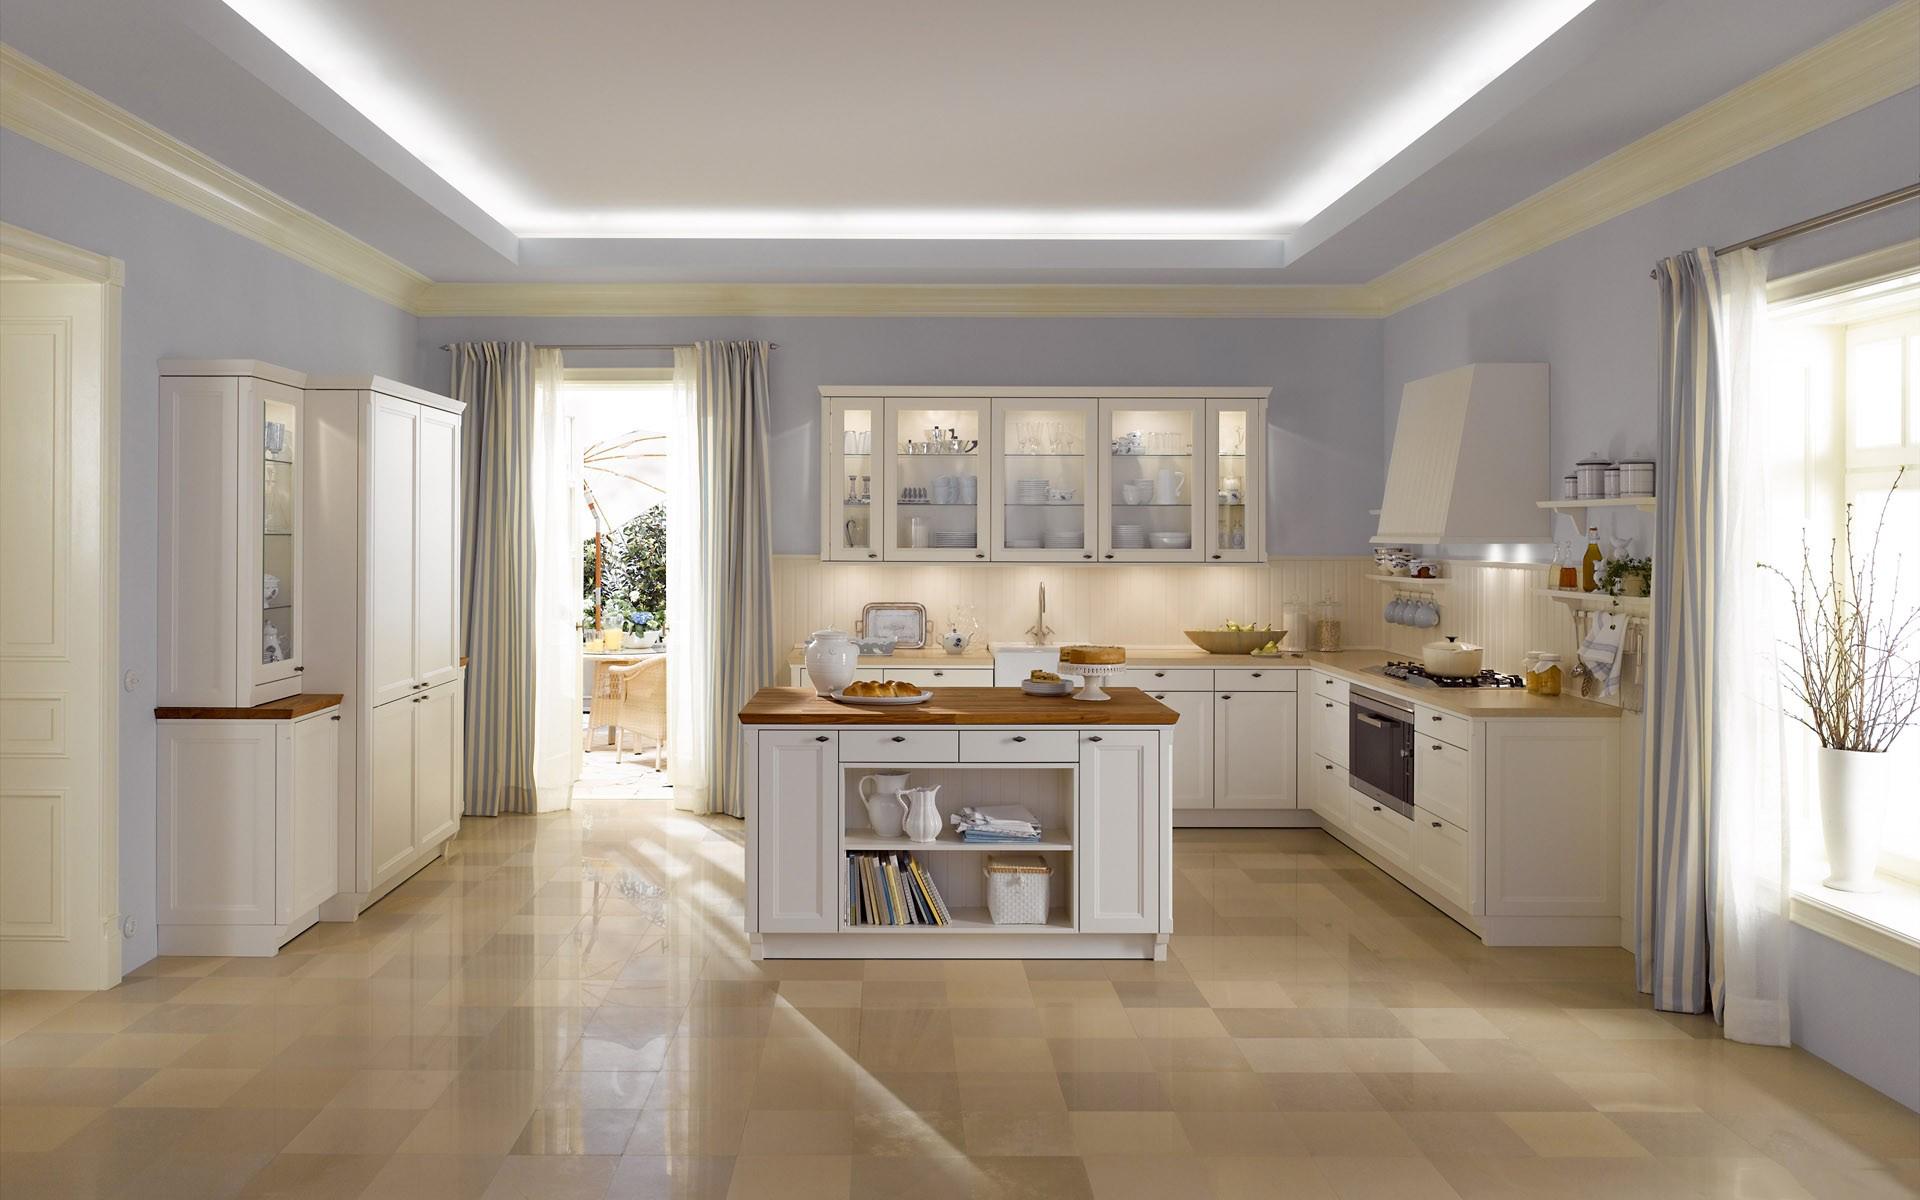 Кремовые плинтуса на потолке в кухне